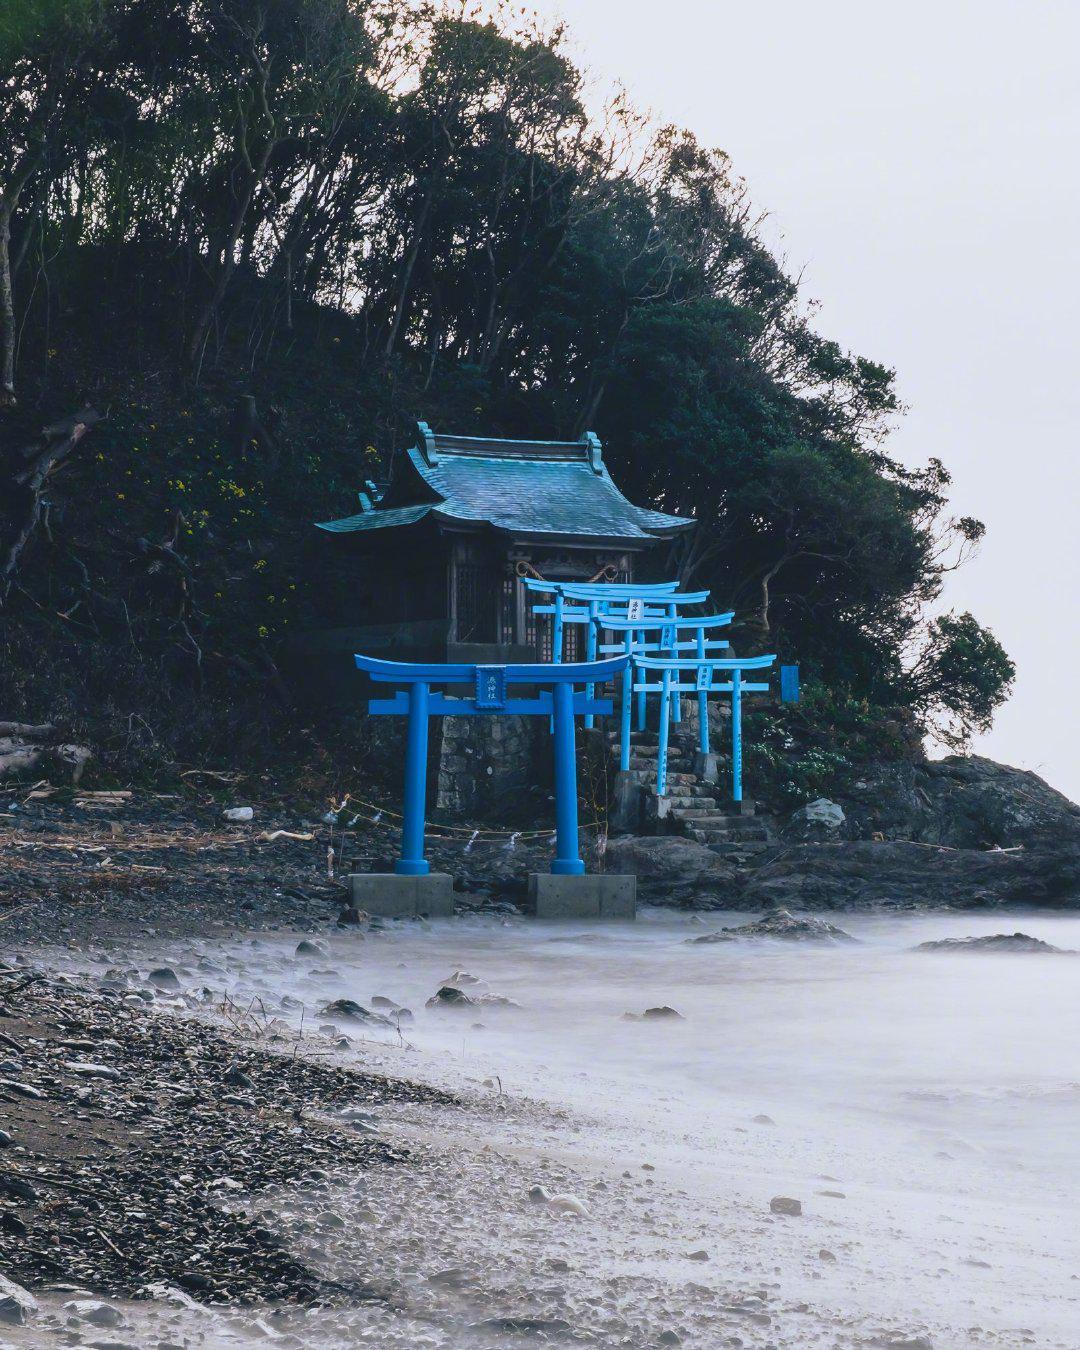 日本网友age_cox在宫崎县延冈市港神社拍到的鸟居……